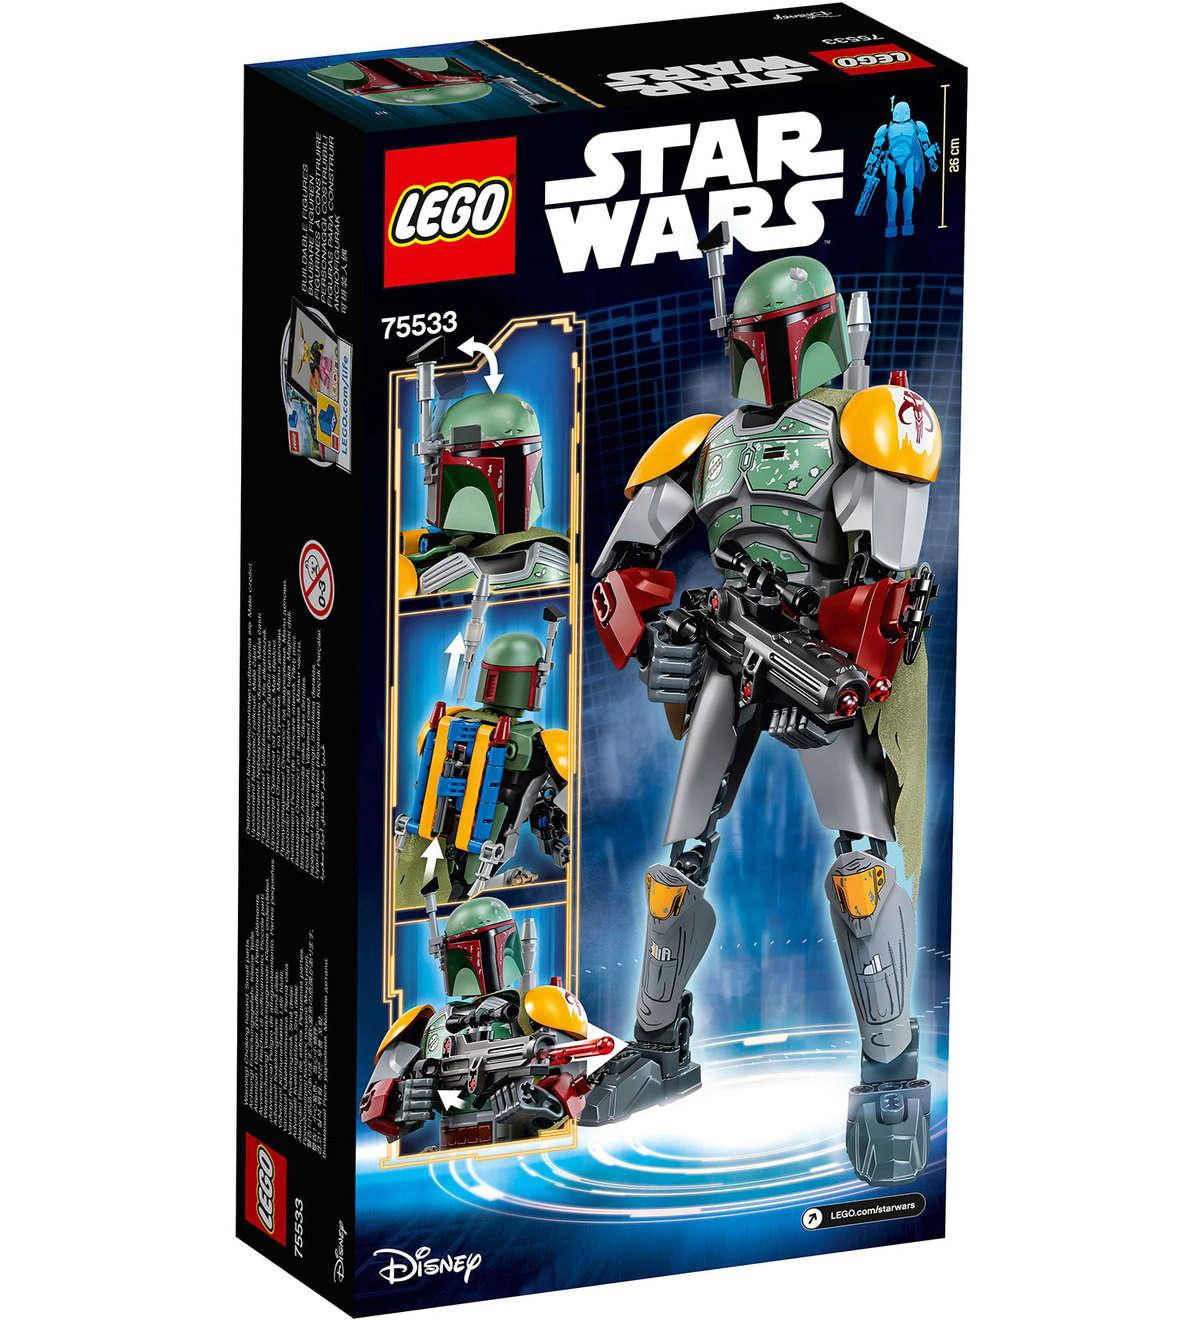 [Produits] Figurines Star Wars de l'hiver 2018 : les visuels officiels ! 26778111